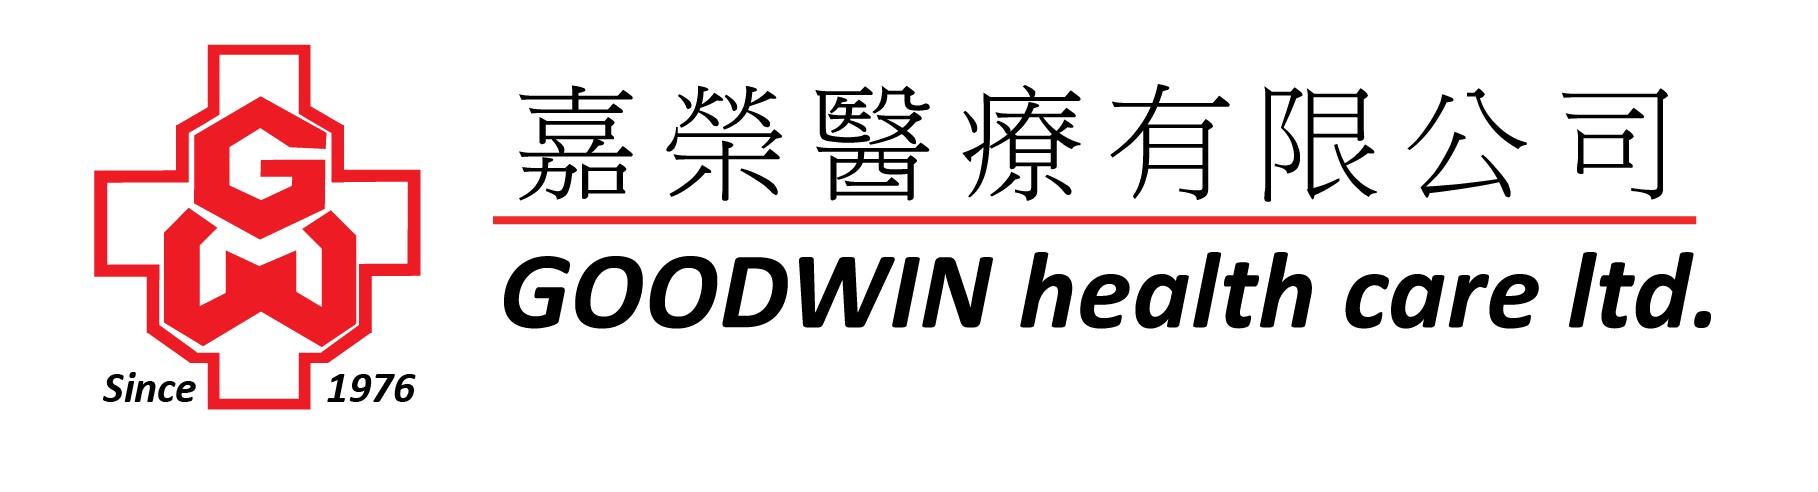 GW_logo_full